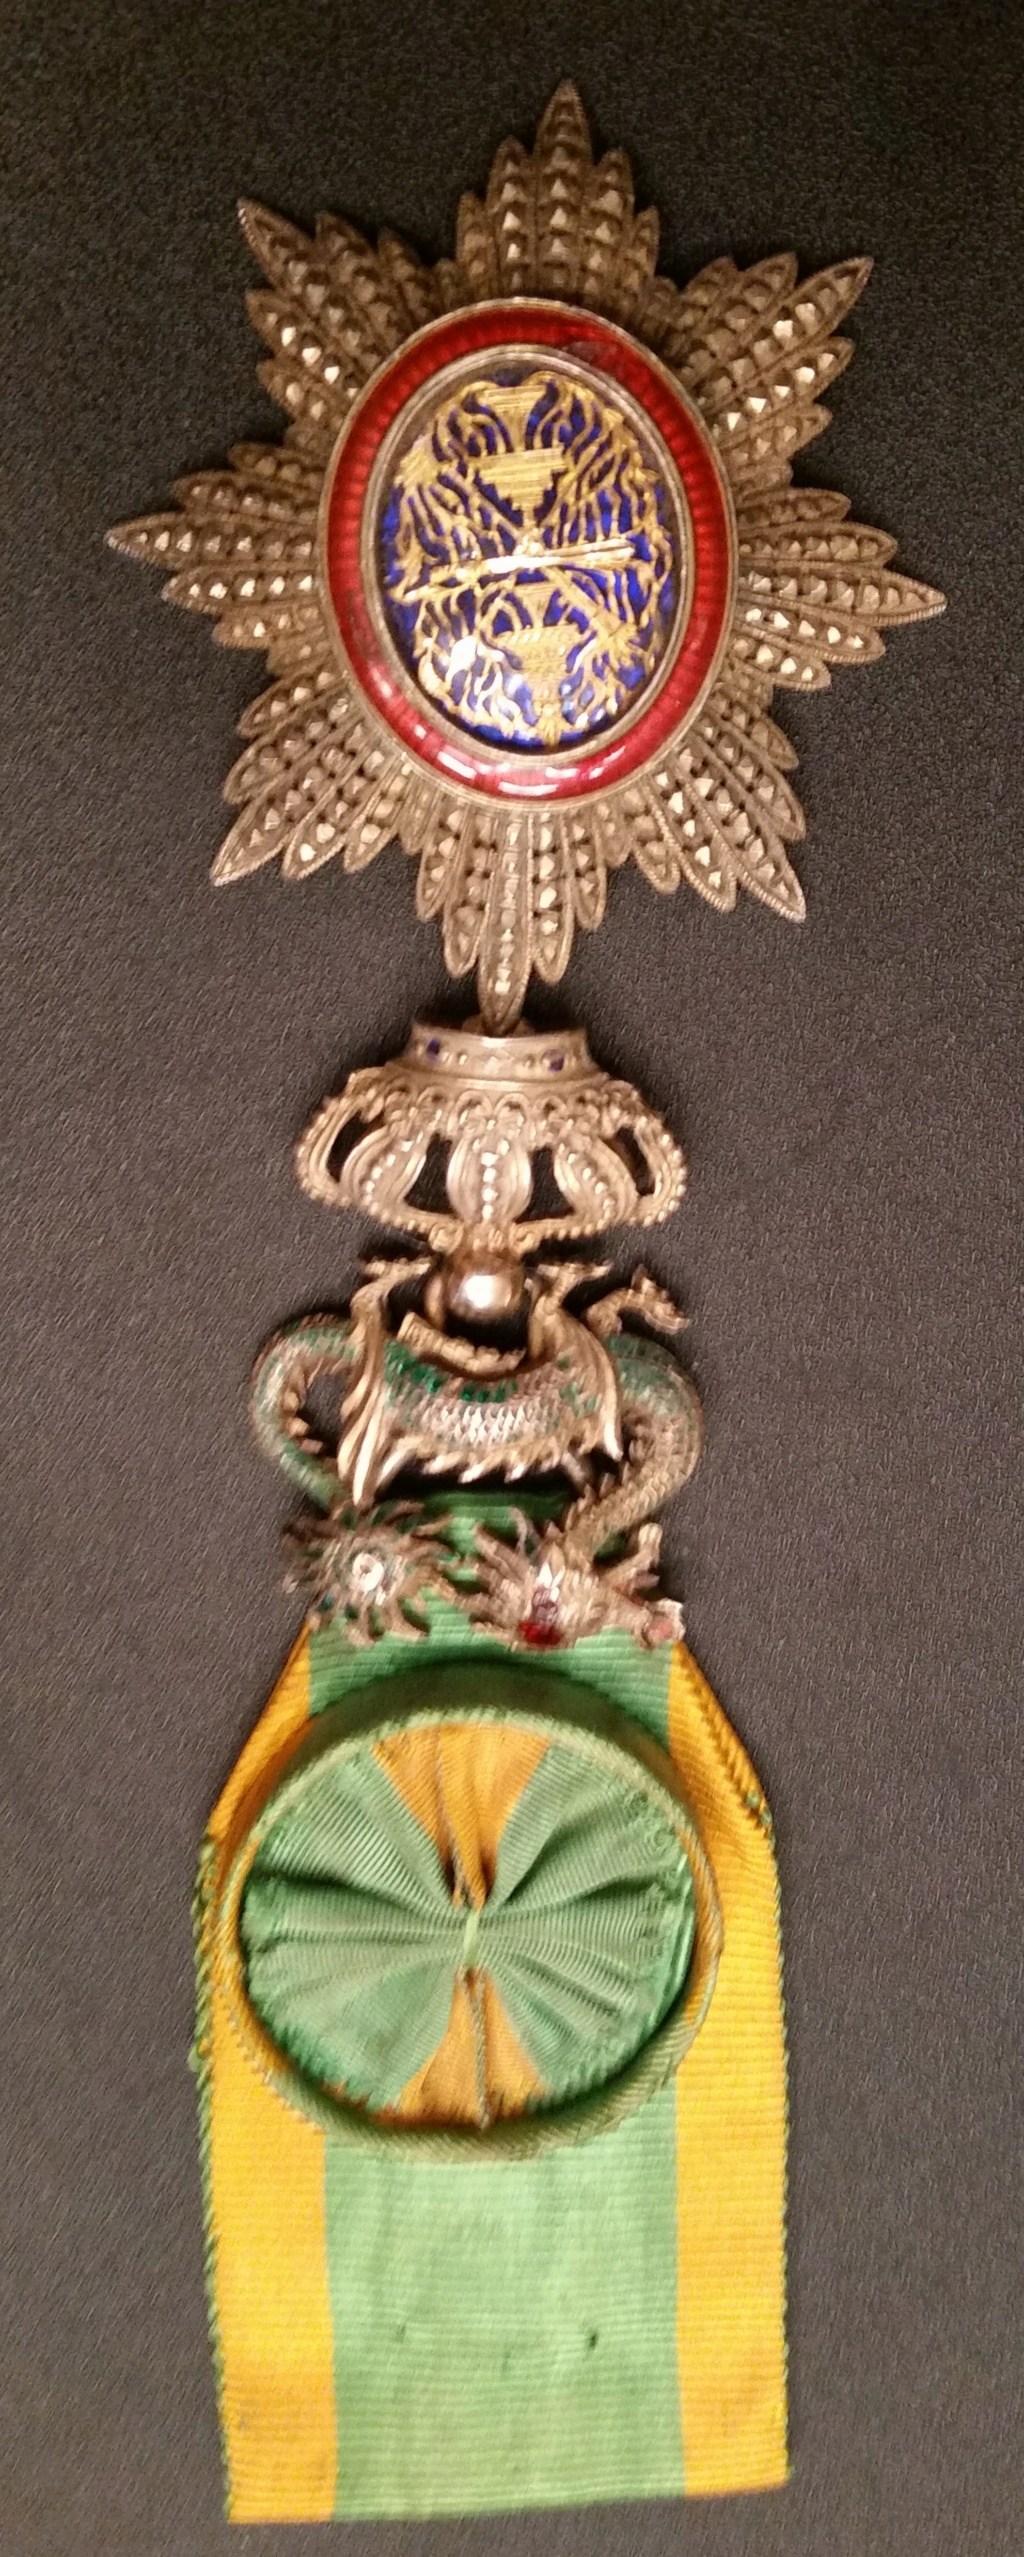 Medaille Dragon d'Annam ? 20170311